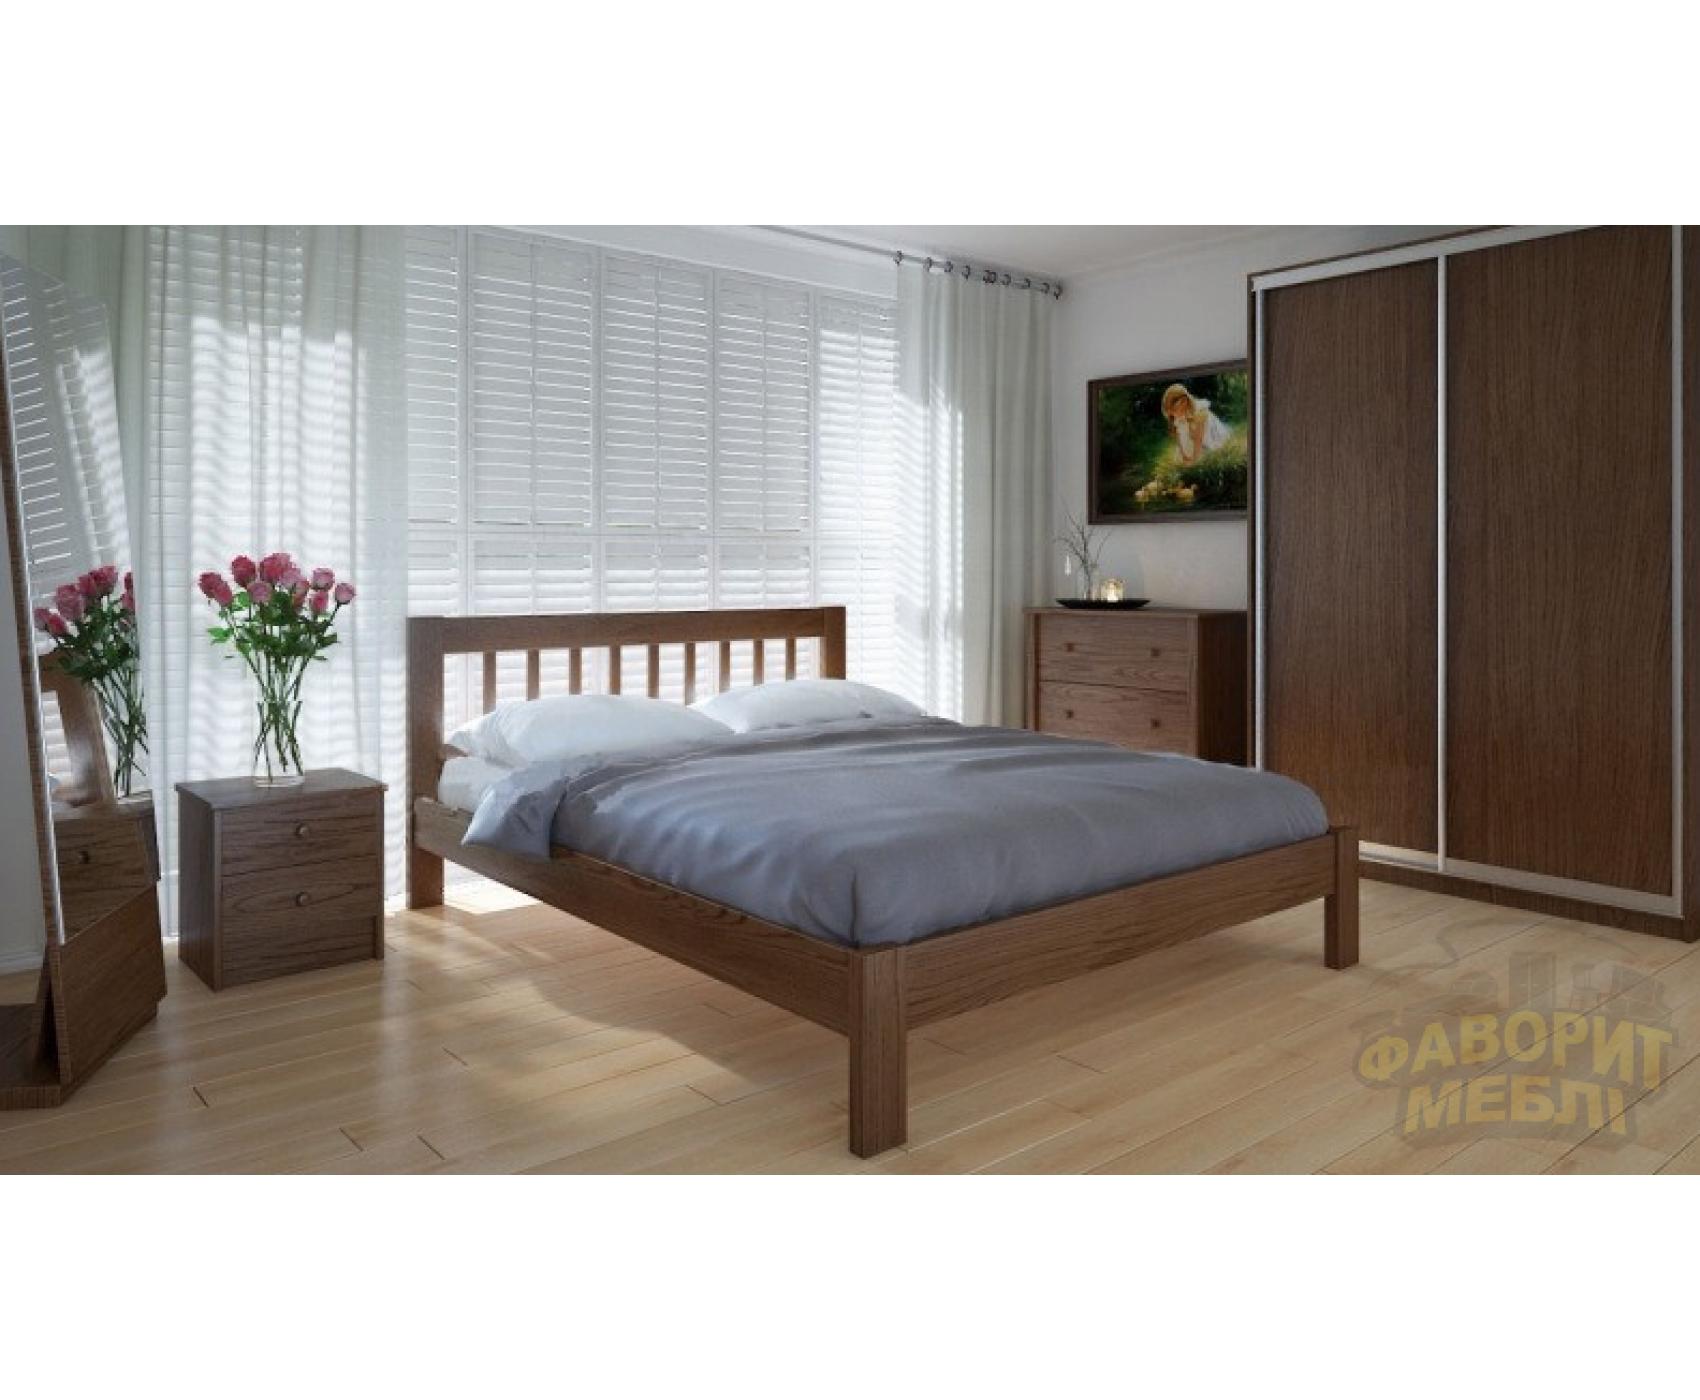 """Двуспальная деревянная кровать """"Вилидж"""" 160*200 Meblikoff"""